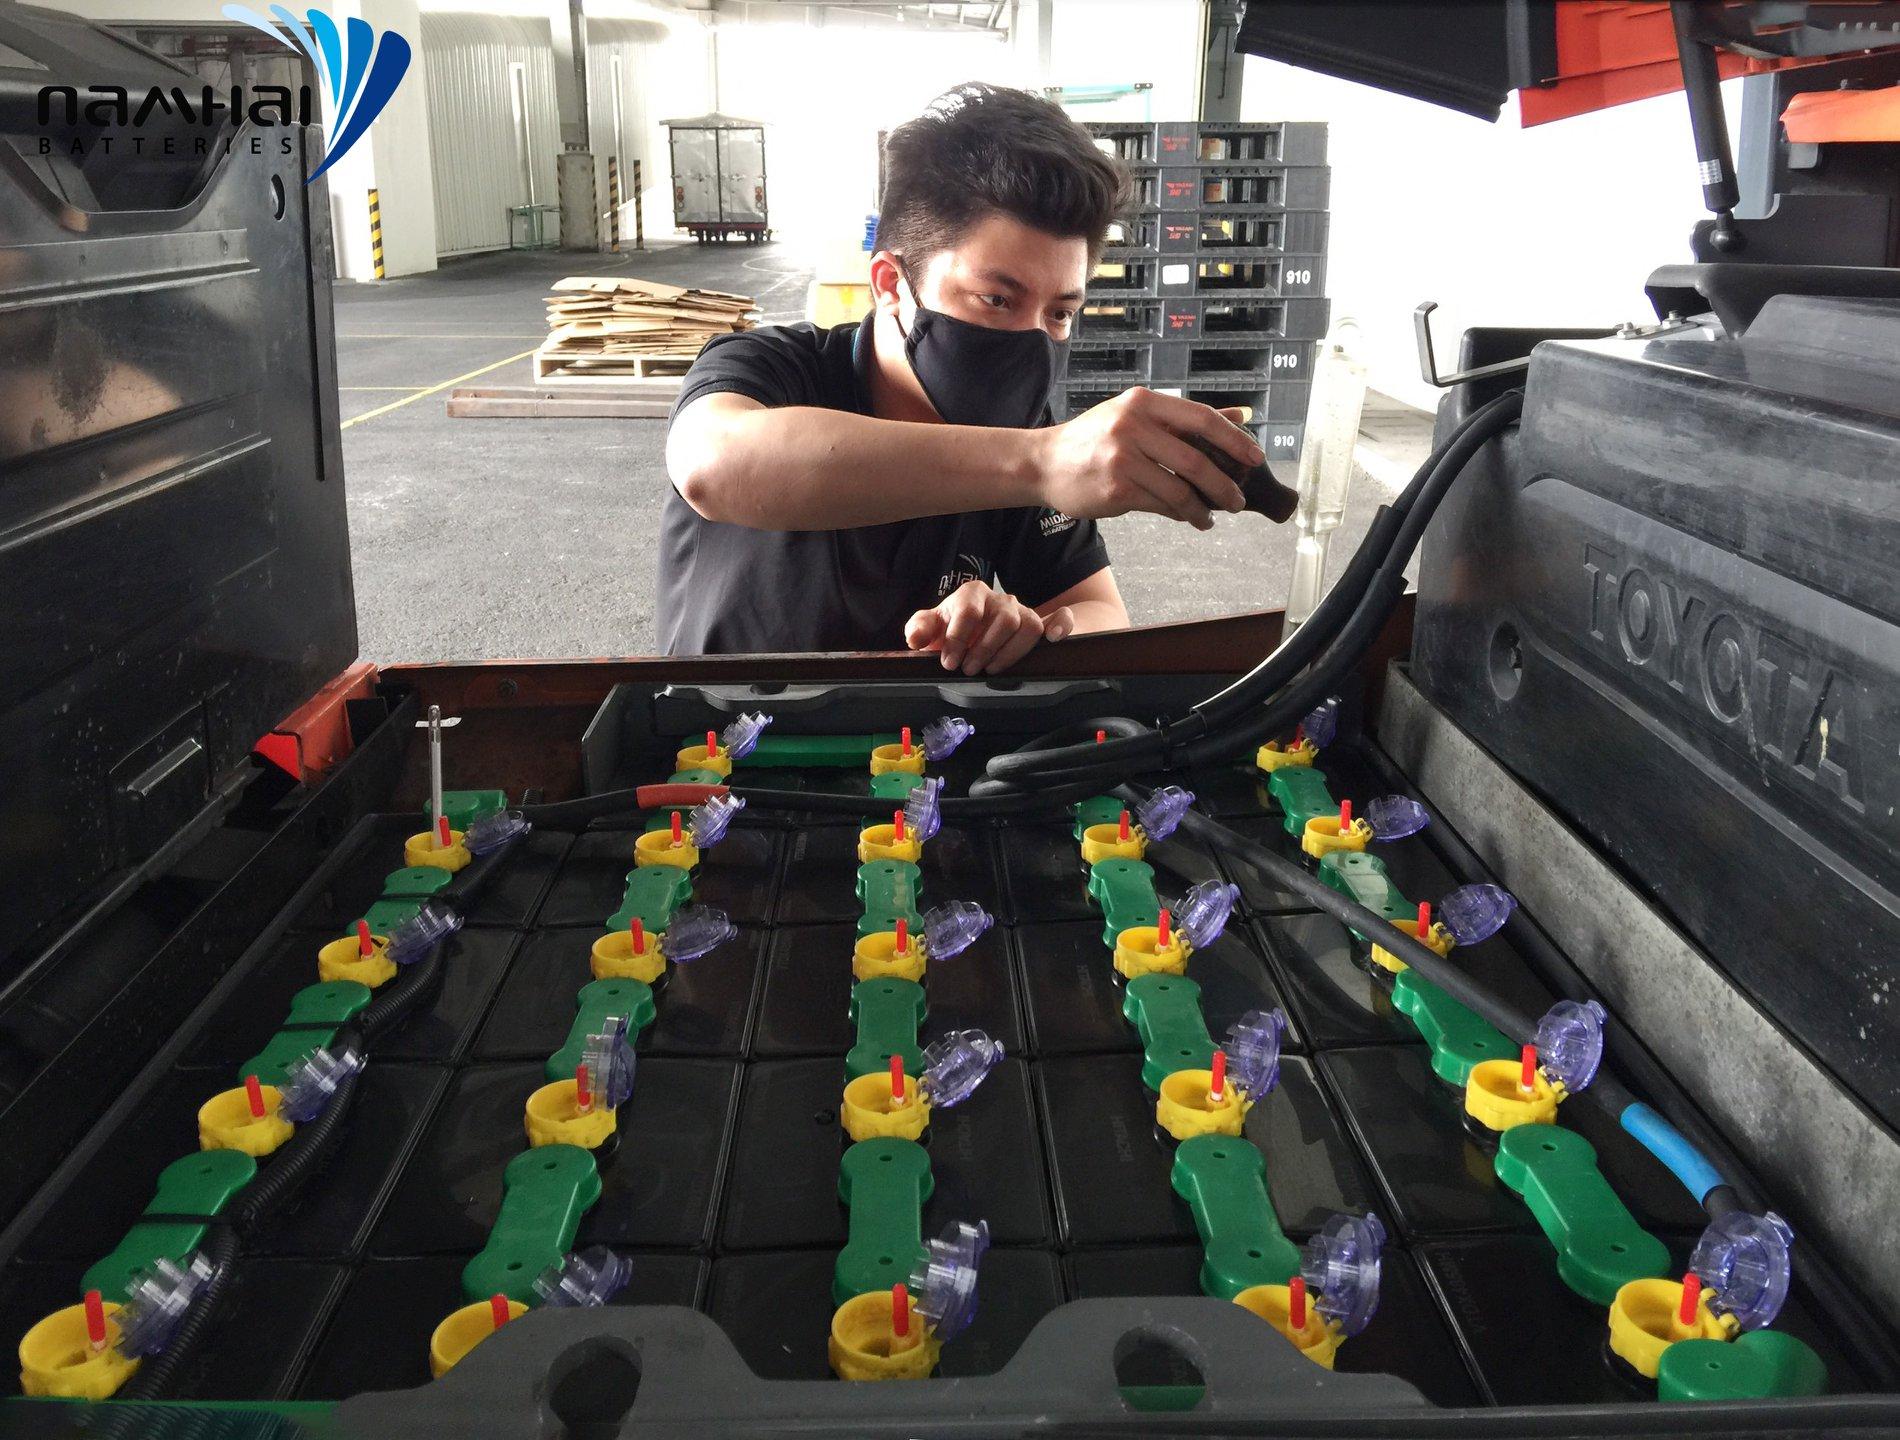 Quy trình thay dầu máy cho xe nâng- sửa xe nâng dầu